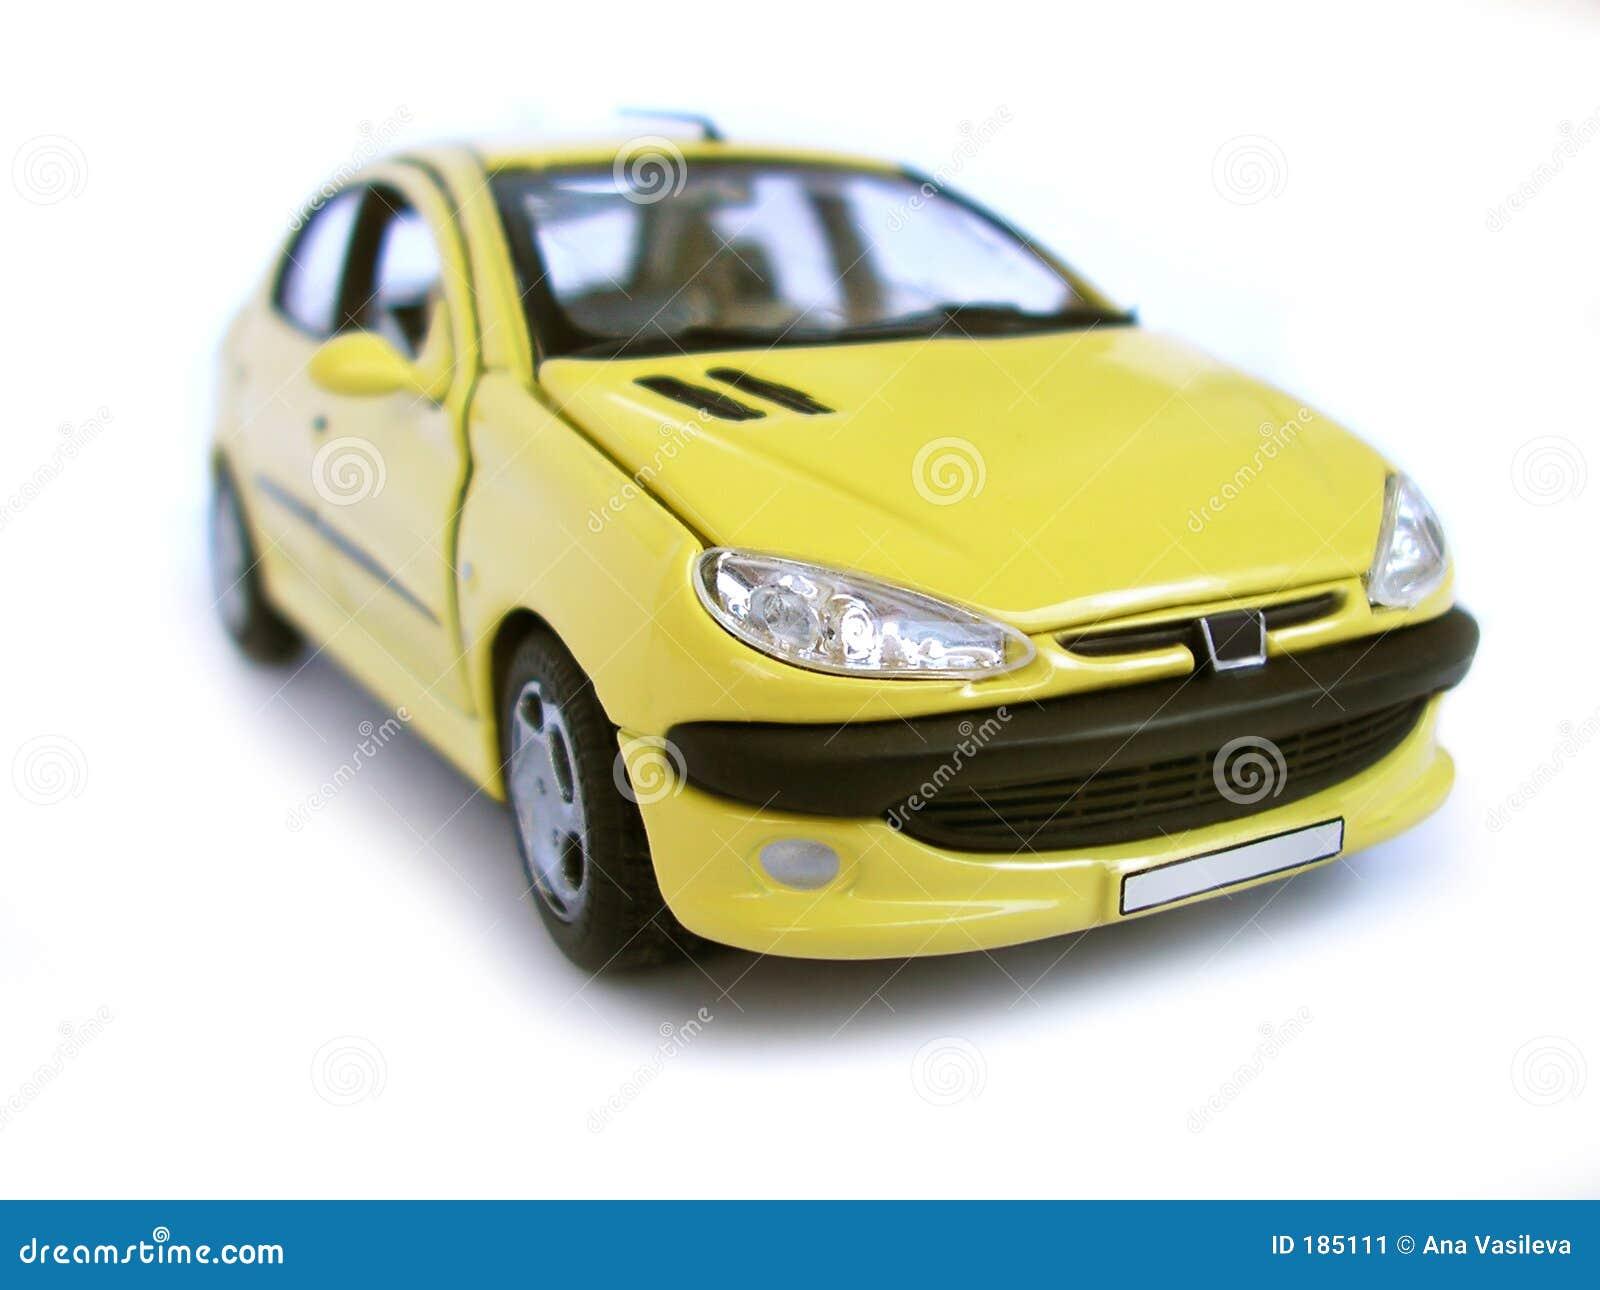 Automobile di modello gialla - Hatchback. Hobby, accumulazione.